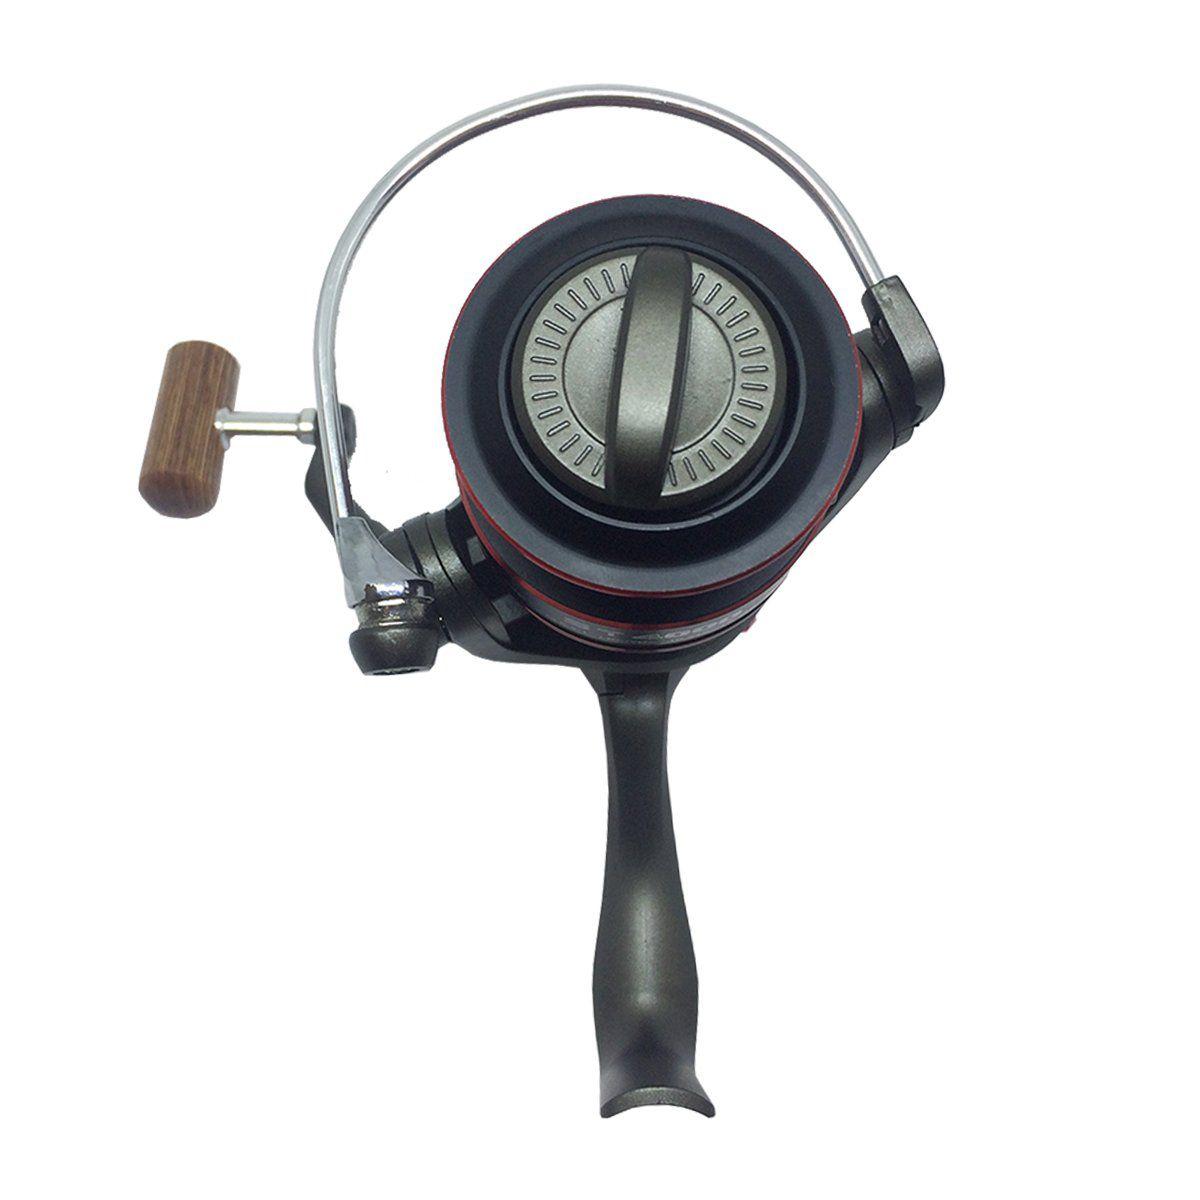 Molinete Saint Plus Saturno 3000 Fricção Dianteira - 4 Rolamentos